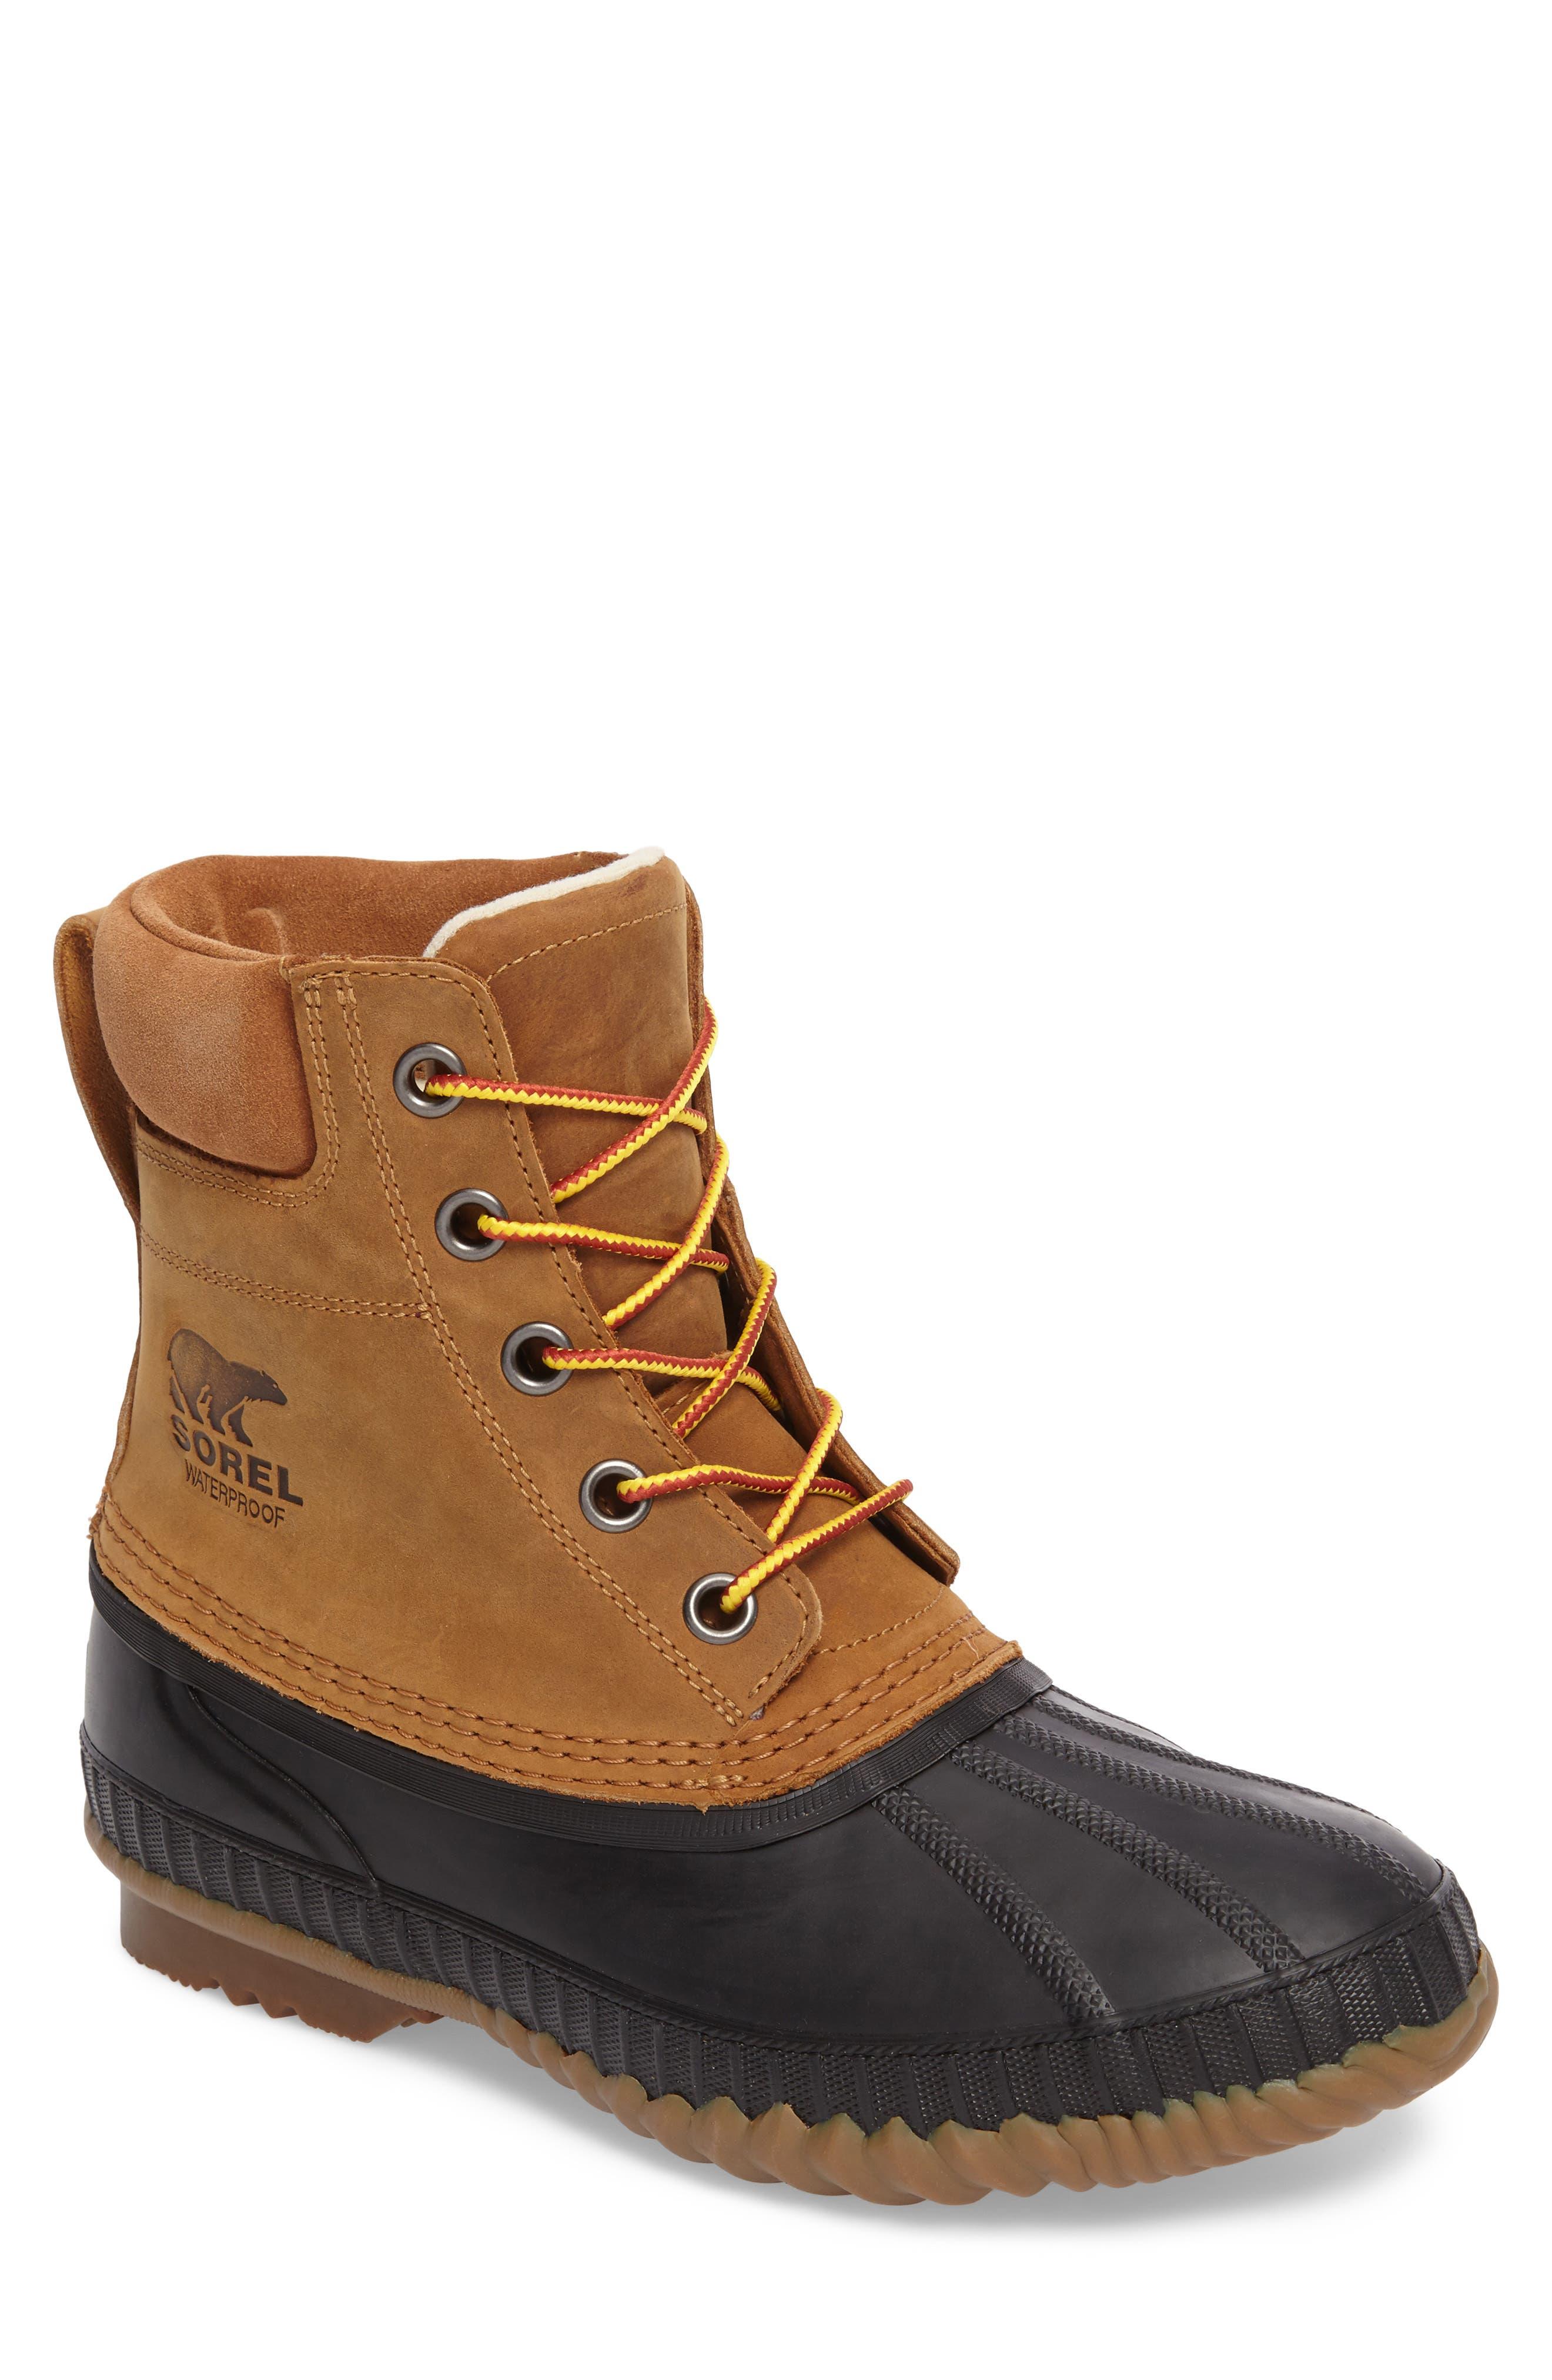 Sorel Cheyanne Ii Waterpoof Boot- Brown